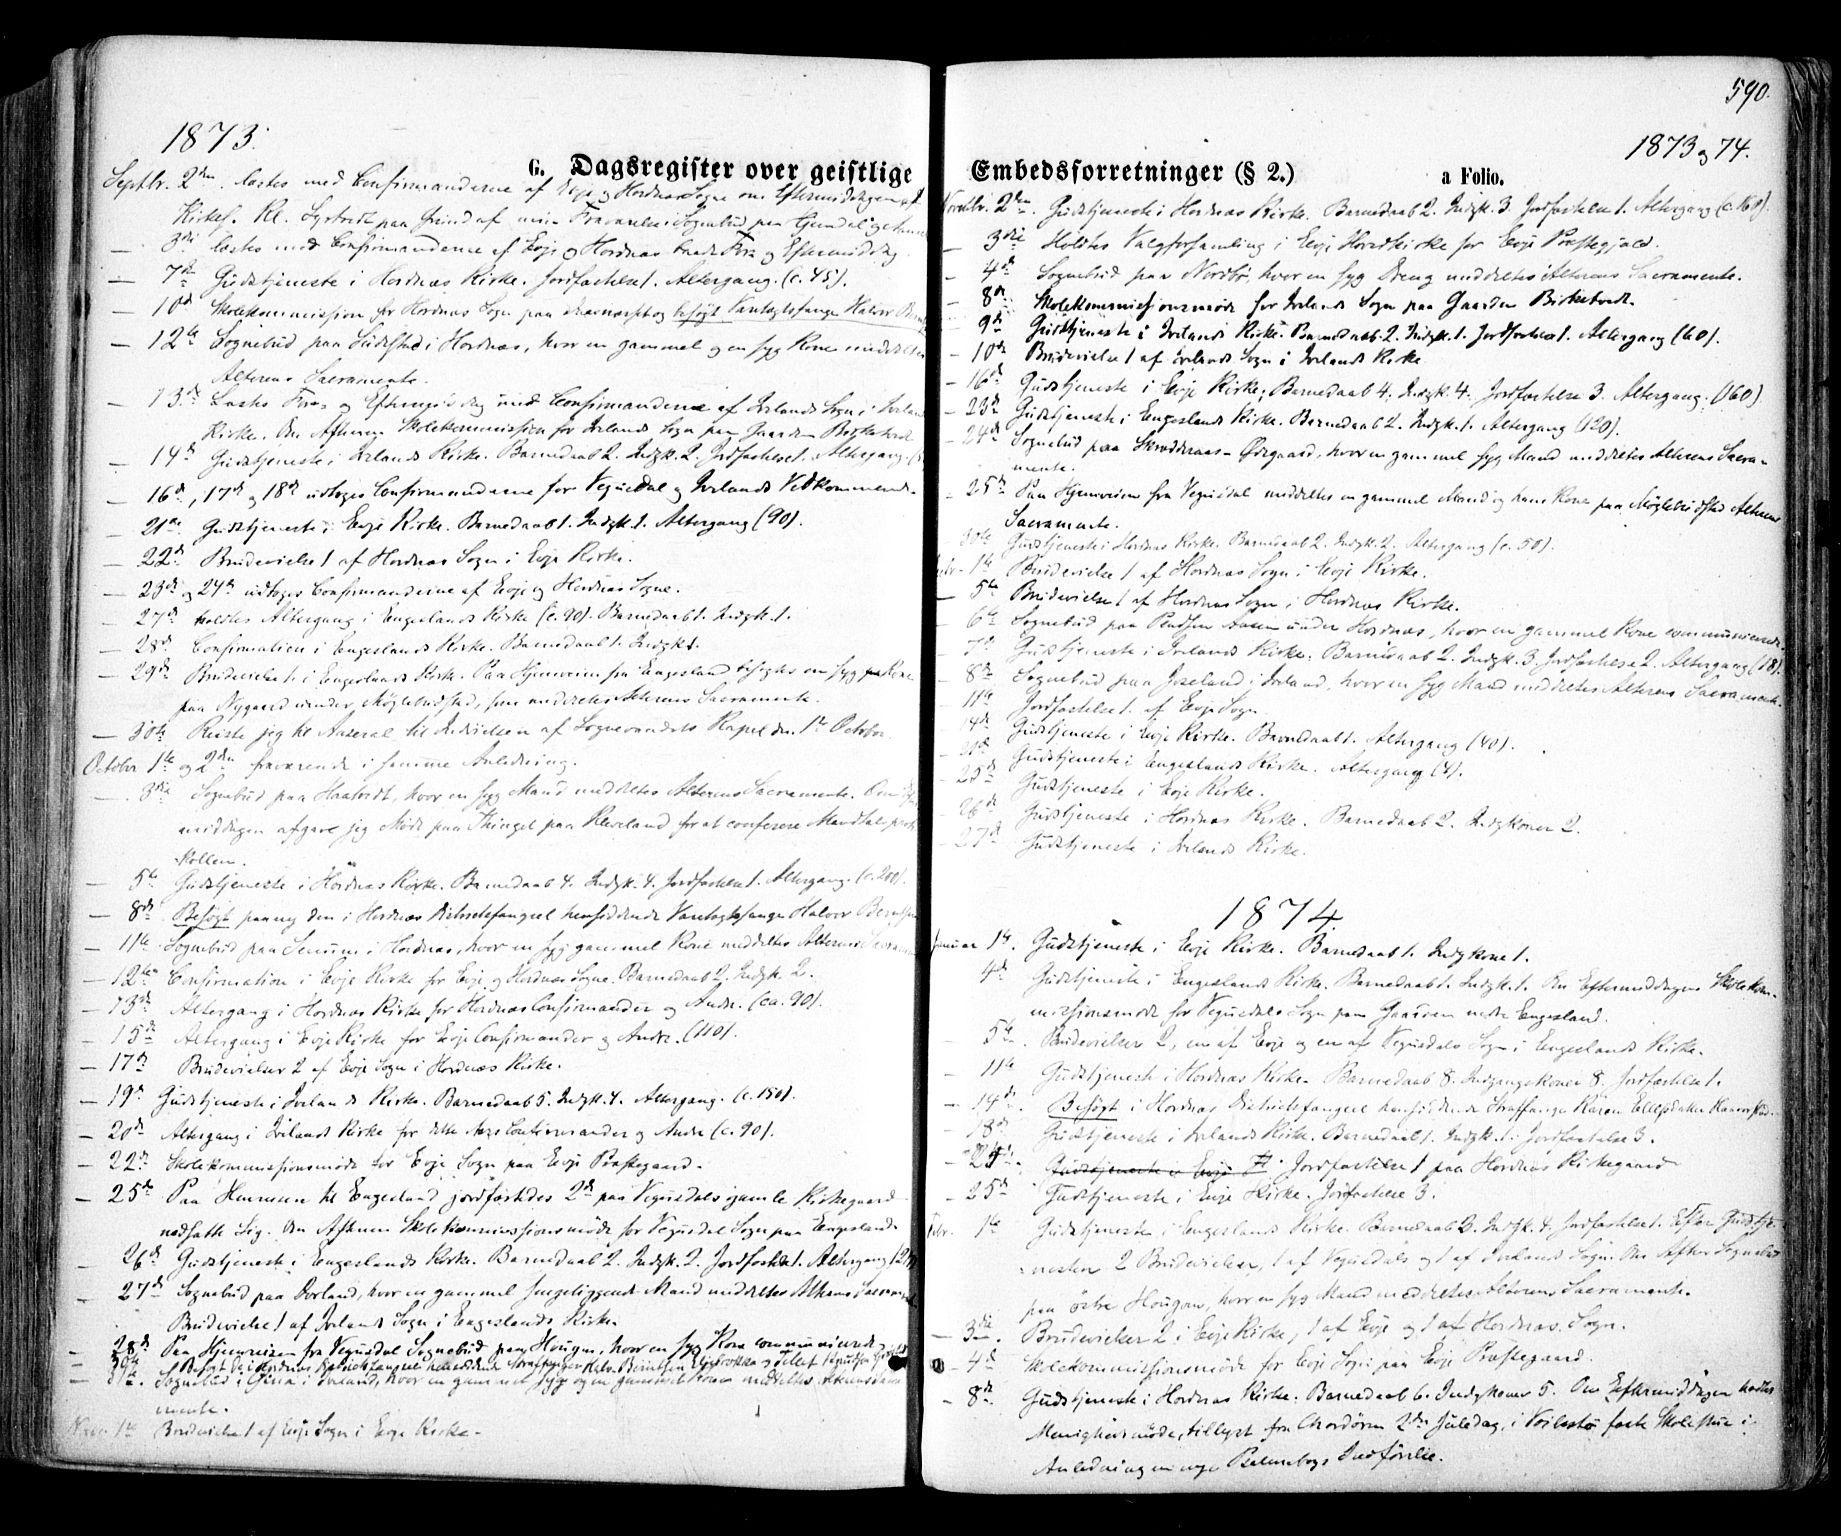 SAK, Evje sokneprestkontor, F/Fa/Faa/L0006: Ministerialbok nr. A 6, 1866-1884, s. 590